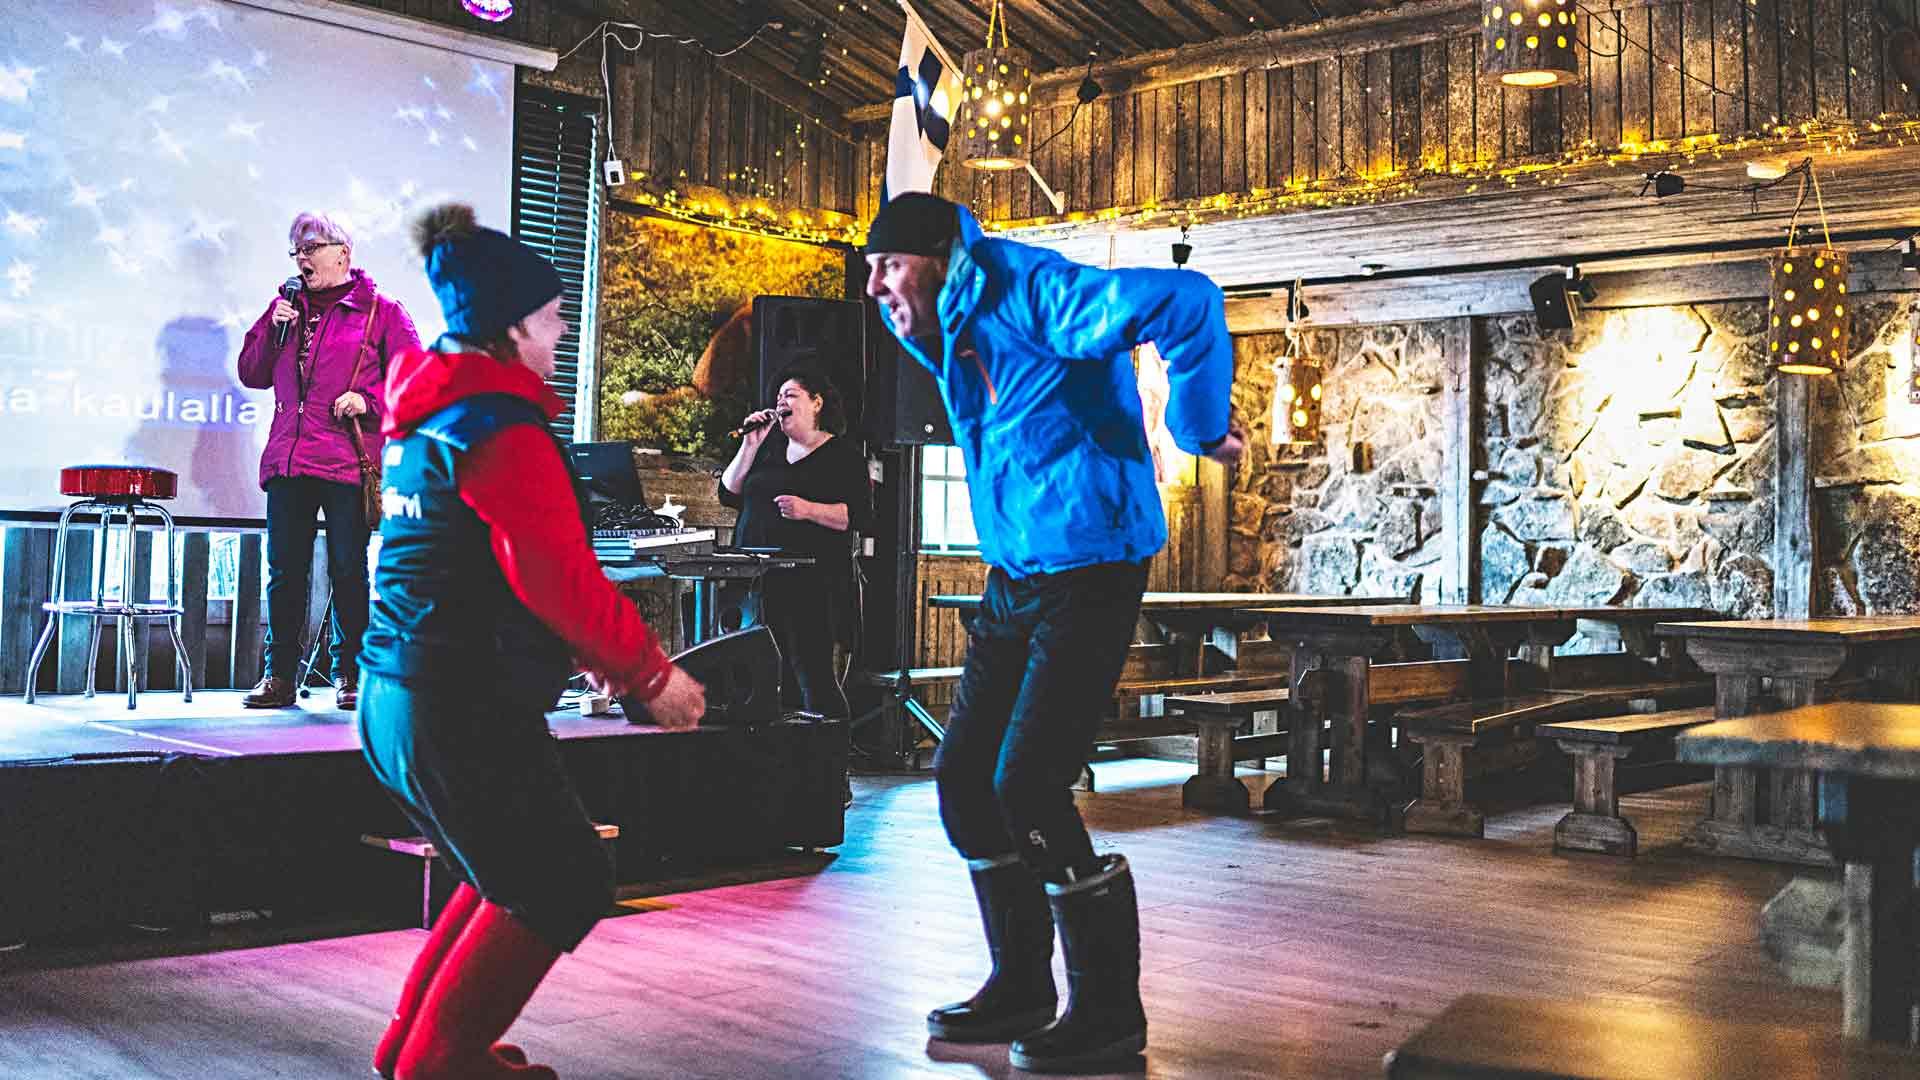 Kyllikki Hokkanen, 75, nousi lavalle ja lauloi ensimmäistä kertaa karaokea Panimo Pubissa 17. maaliskuuta. Karaoke-emäntä Johanna Joensuu tuki laulua taustalla.